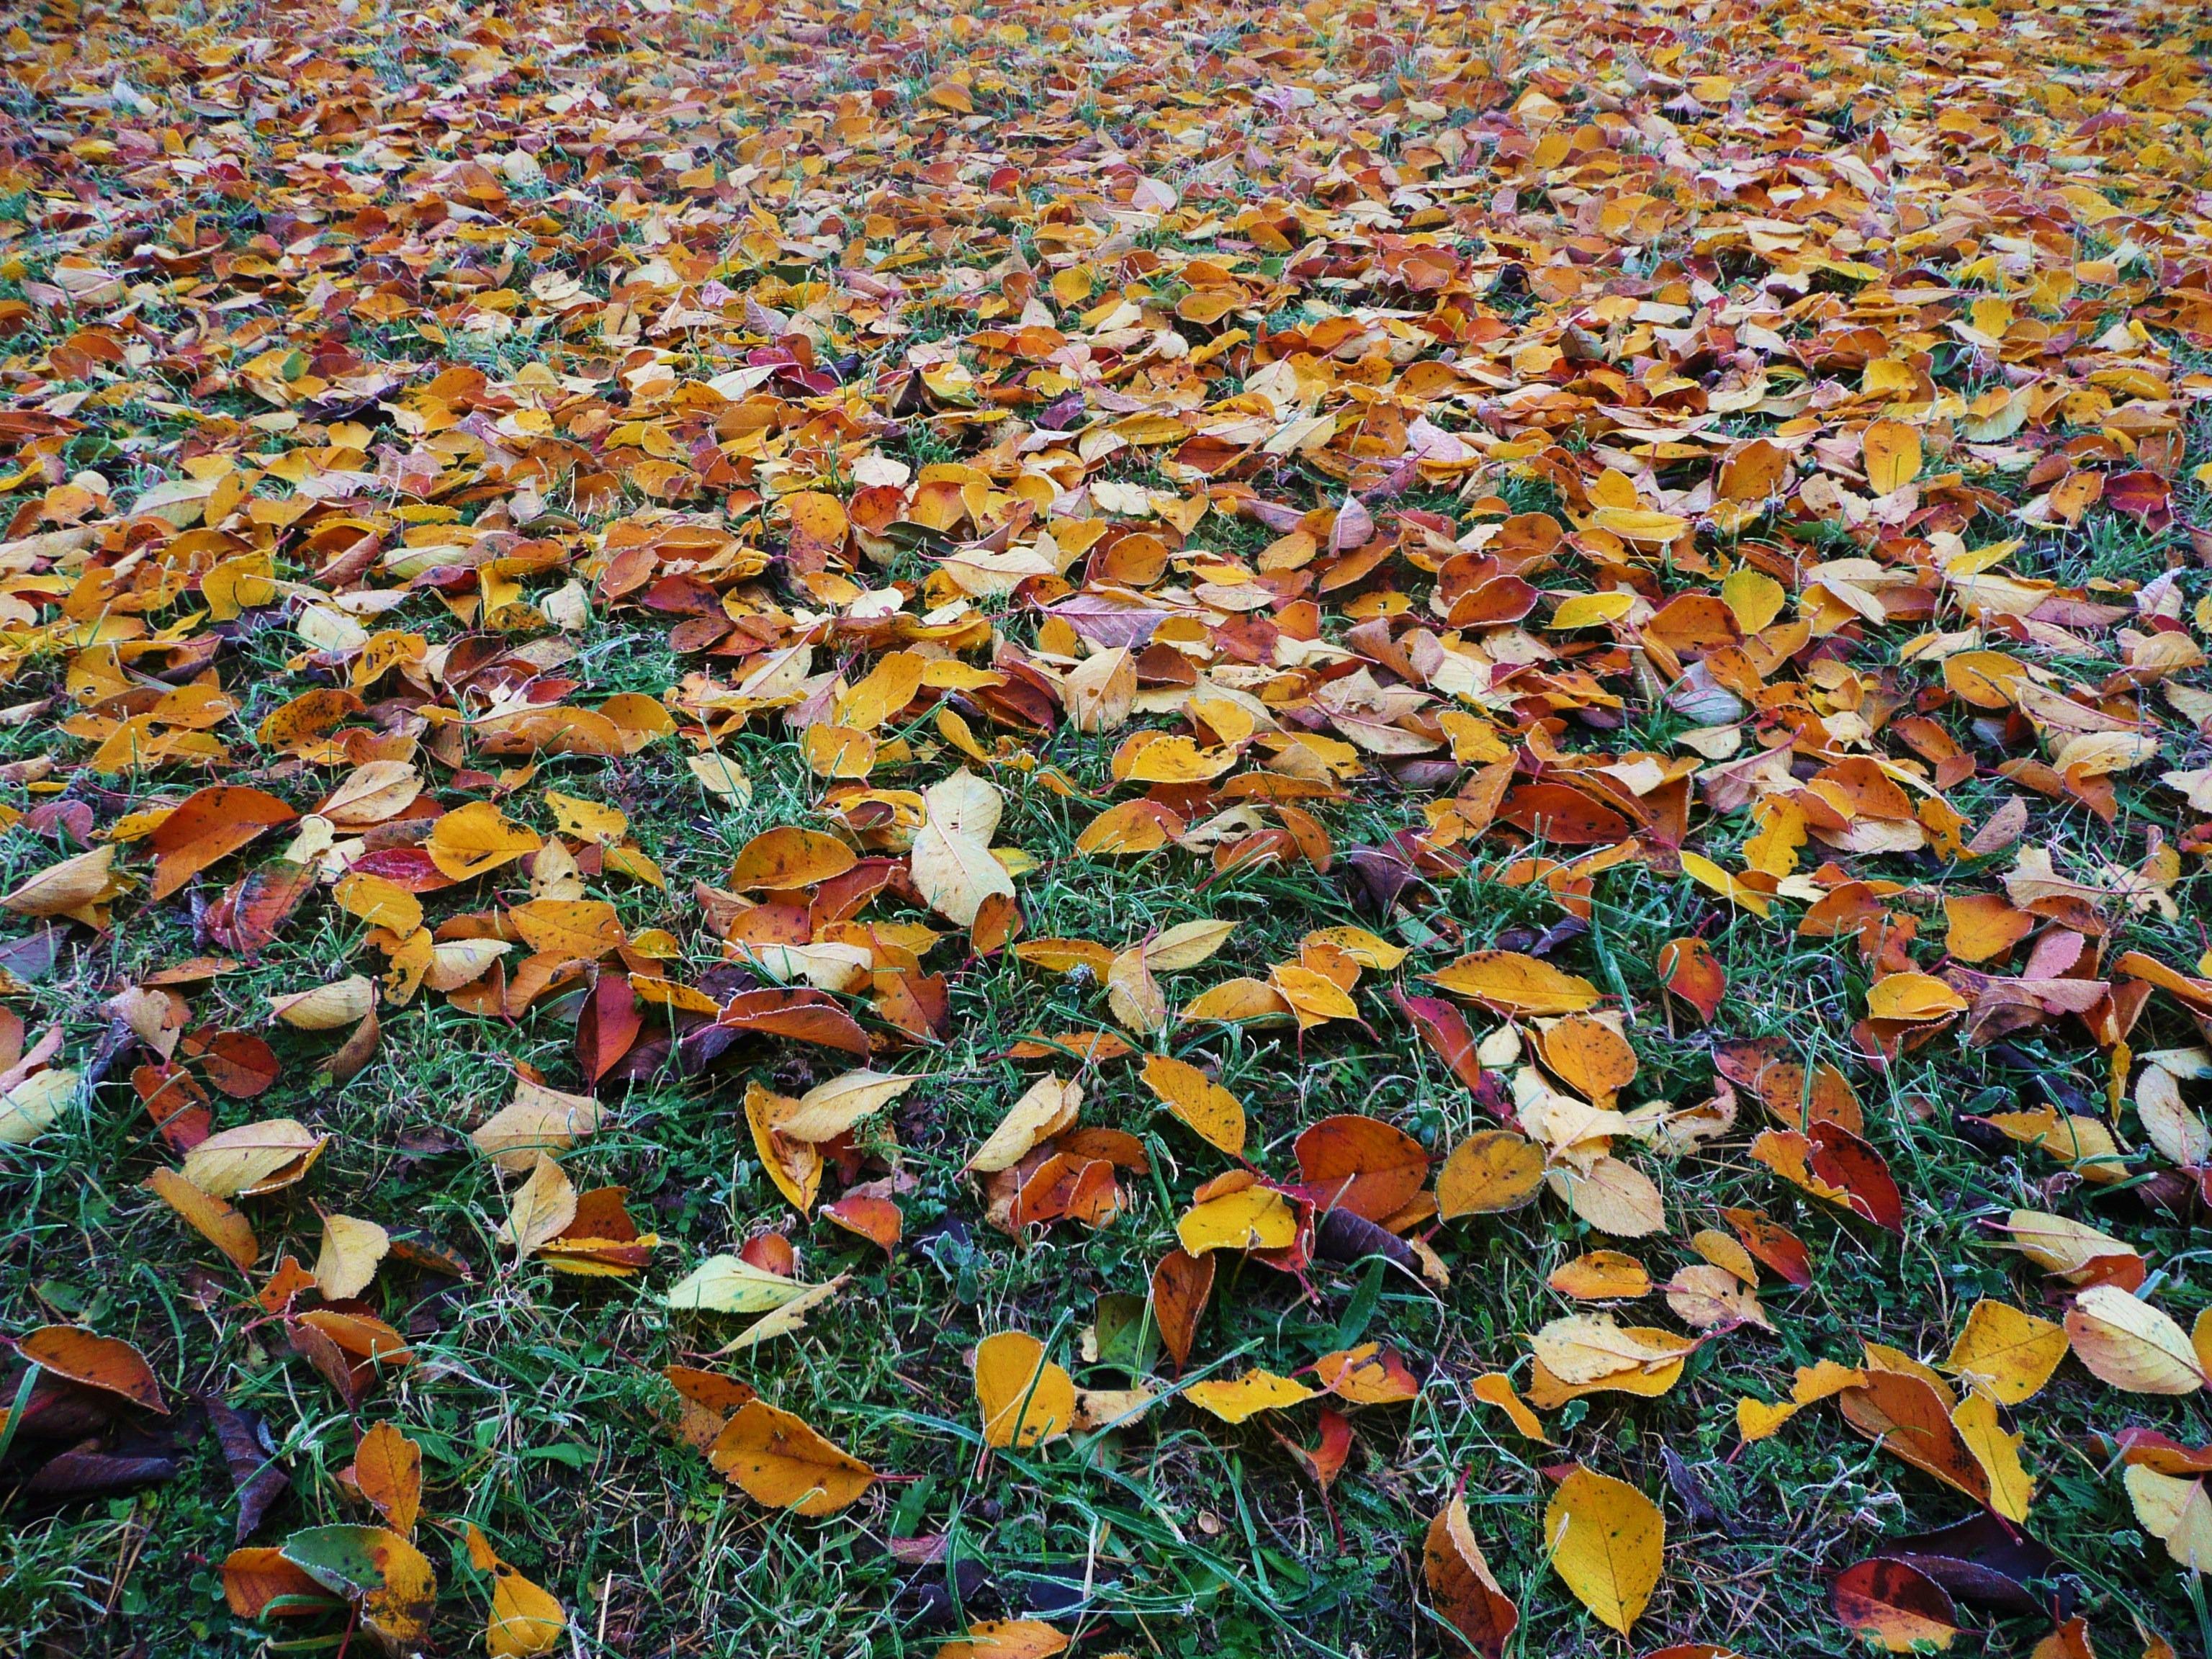 картинки земля покрытая осенними листьями получили